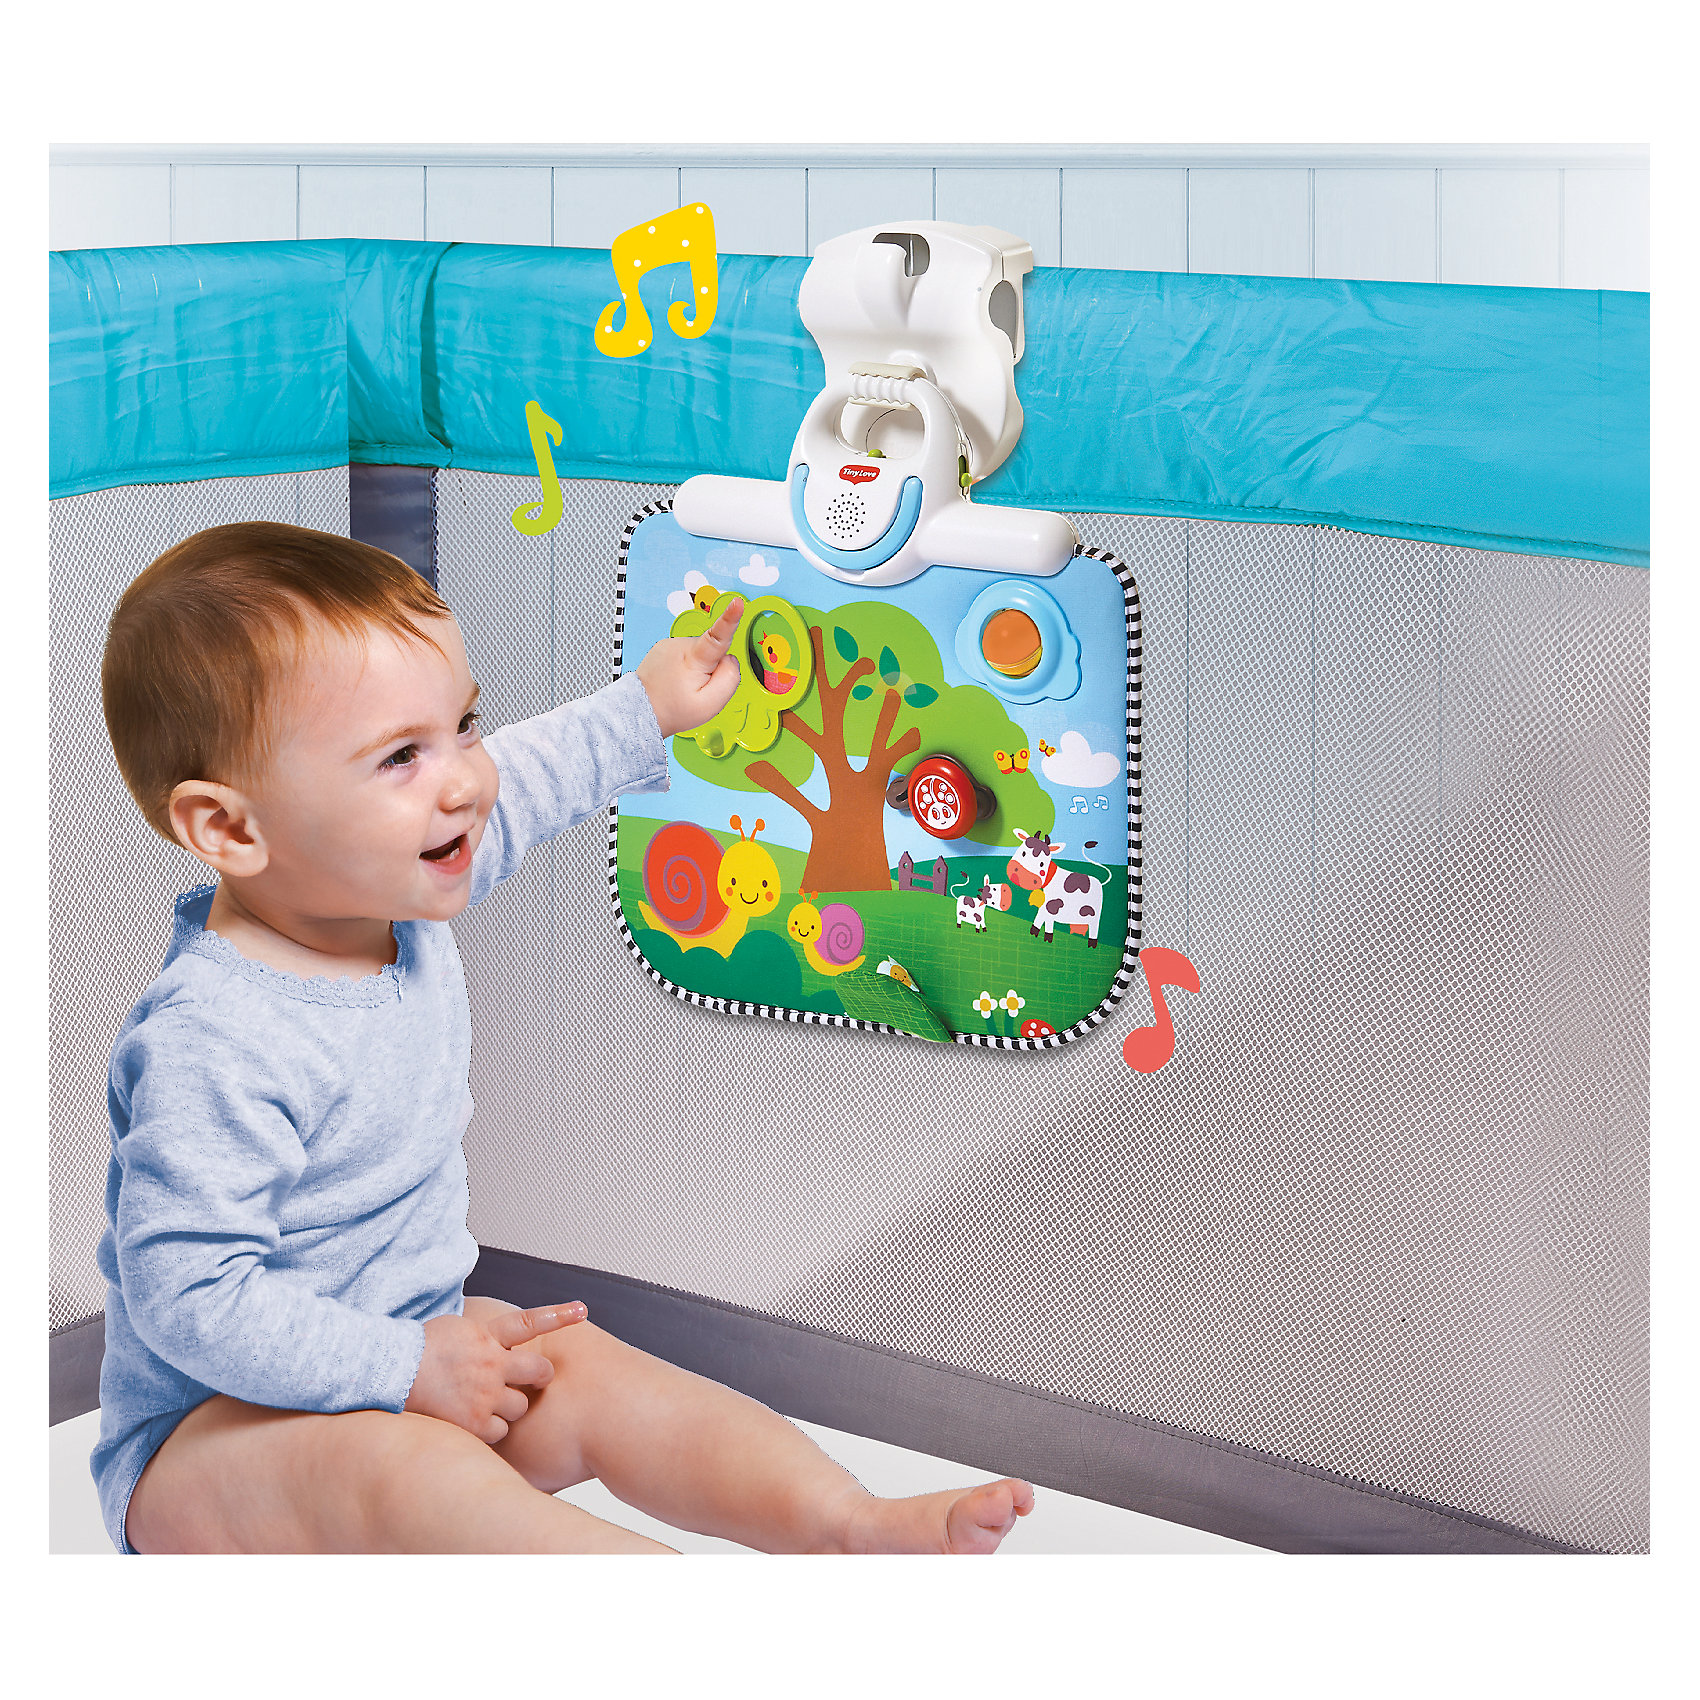 Двусторонний развивающий центр, Tiny LoveМягкие игрушки<br>Двусторонний развивающий центр - прекрасный вариант для малышей! Центр развивает, развлекает и убаюкивает кроху. Игрушка прекрасно крепится к кроваткам, манежам, люлькам и содержит в себе развлекательные элементы в виде дерева с окошком, шарика-погремушки, жучка, шуршащего элемента, а так же музыкальной панели. Мобиль можно использовать как ночник с колыбельной мелодией. На одной стороне развивающего центра находятся игрушки, на другой -  звездное небо и мигающая подсветка.<br>Продукция сертифицирована, экологически безопасна для ребенка, использованные красители не токсичны и гипоаллергенны.<br><br>Дополнительная информация:<br><br>- Материал: пластик, текстиль.<br>- Размер: 9,5х37х37 см.<br>- Удобные крепления.<br>- 2 режима использования: как развивающий центр, как ночник.<br>- Длительность колыбельной: 30 мин. <br>- Громкость регулируется. <br>- Развивающие элементы и погремушка.<br><br>Двусторонний развивающий центр, Tiny Love, можно купить в нашем магазине.<br><br>Ширина мм: 348<br>Глубина мм: 344<br>Высота мм: 97<br>Вес г: 975<br>Возраст от месяцев: 0<br>Возраст до месяцев: 12<br>Пол: Унисекс<br>Возраст: Детский<br>SKU: 4589904